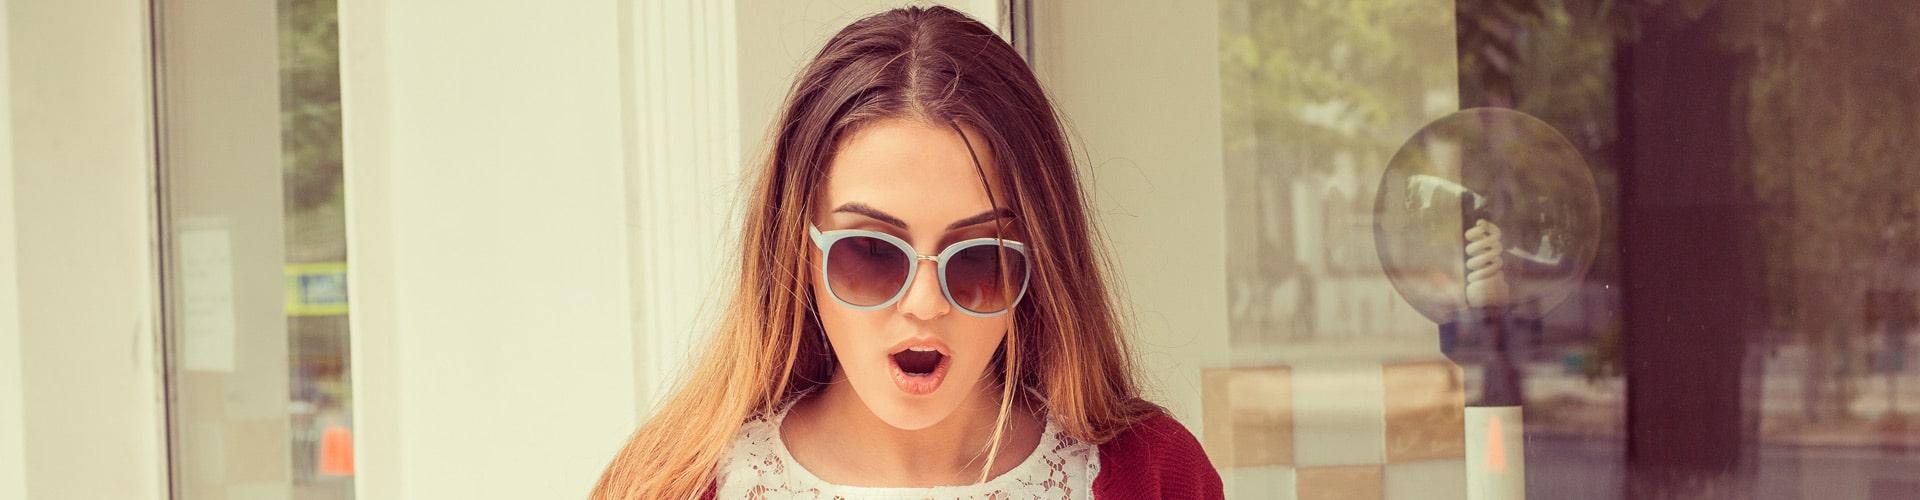 Das kann nur Radiowerbung Foto: Shutterstock